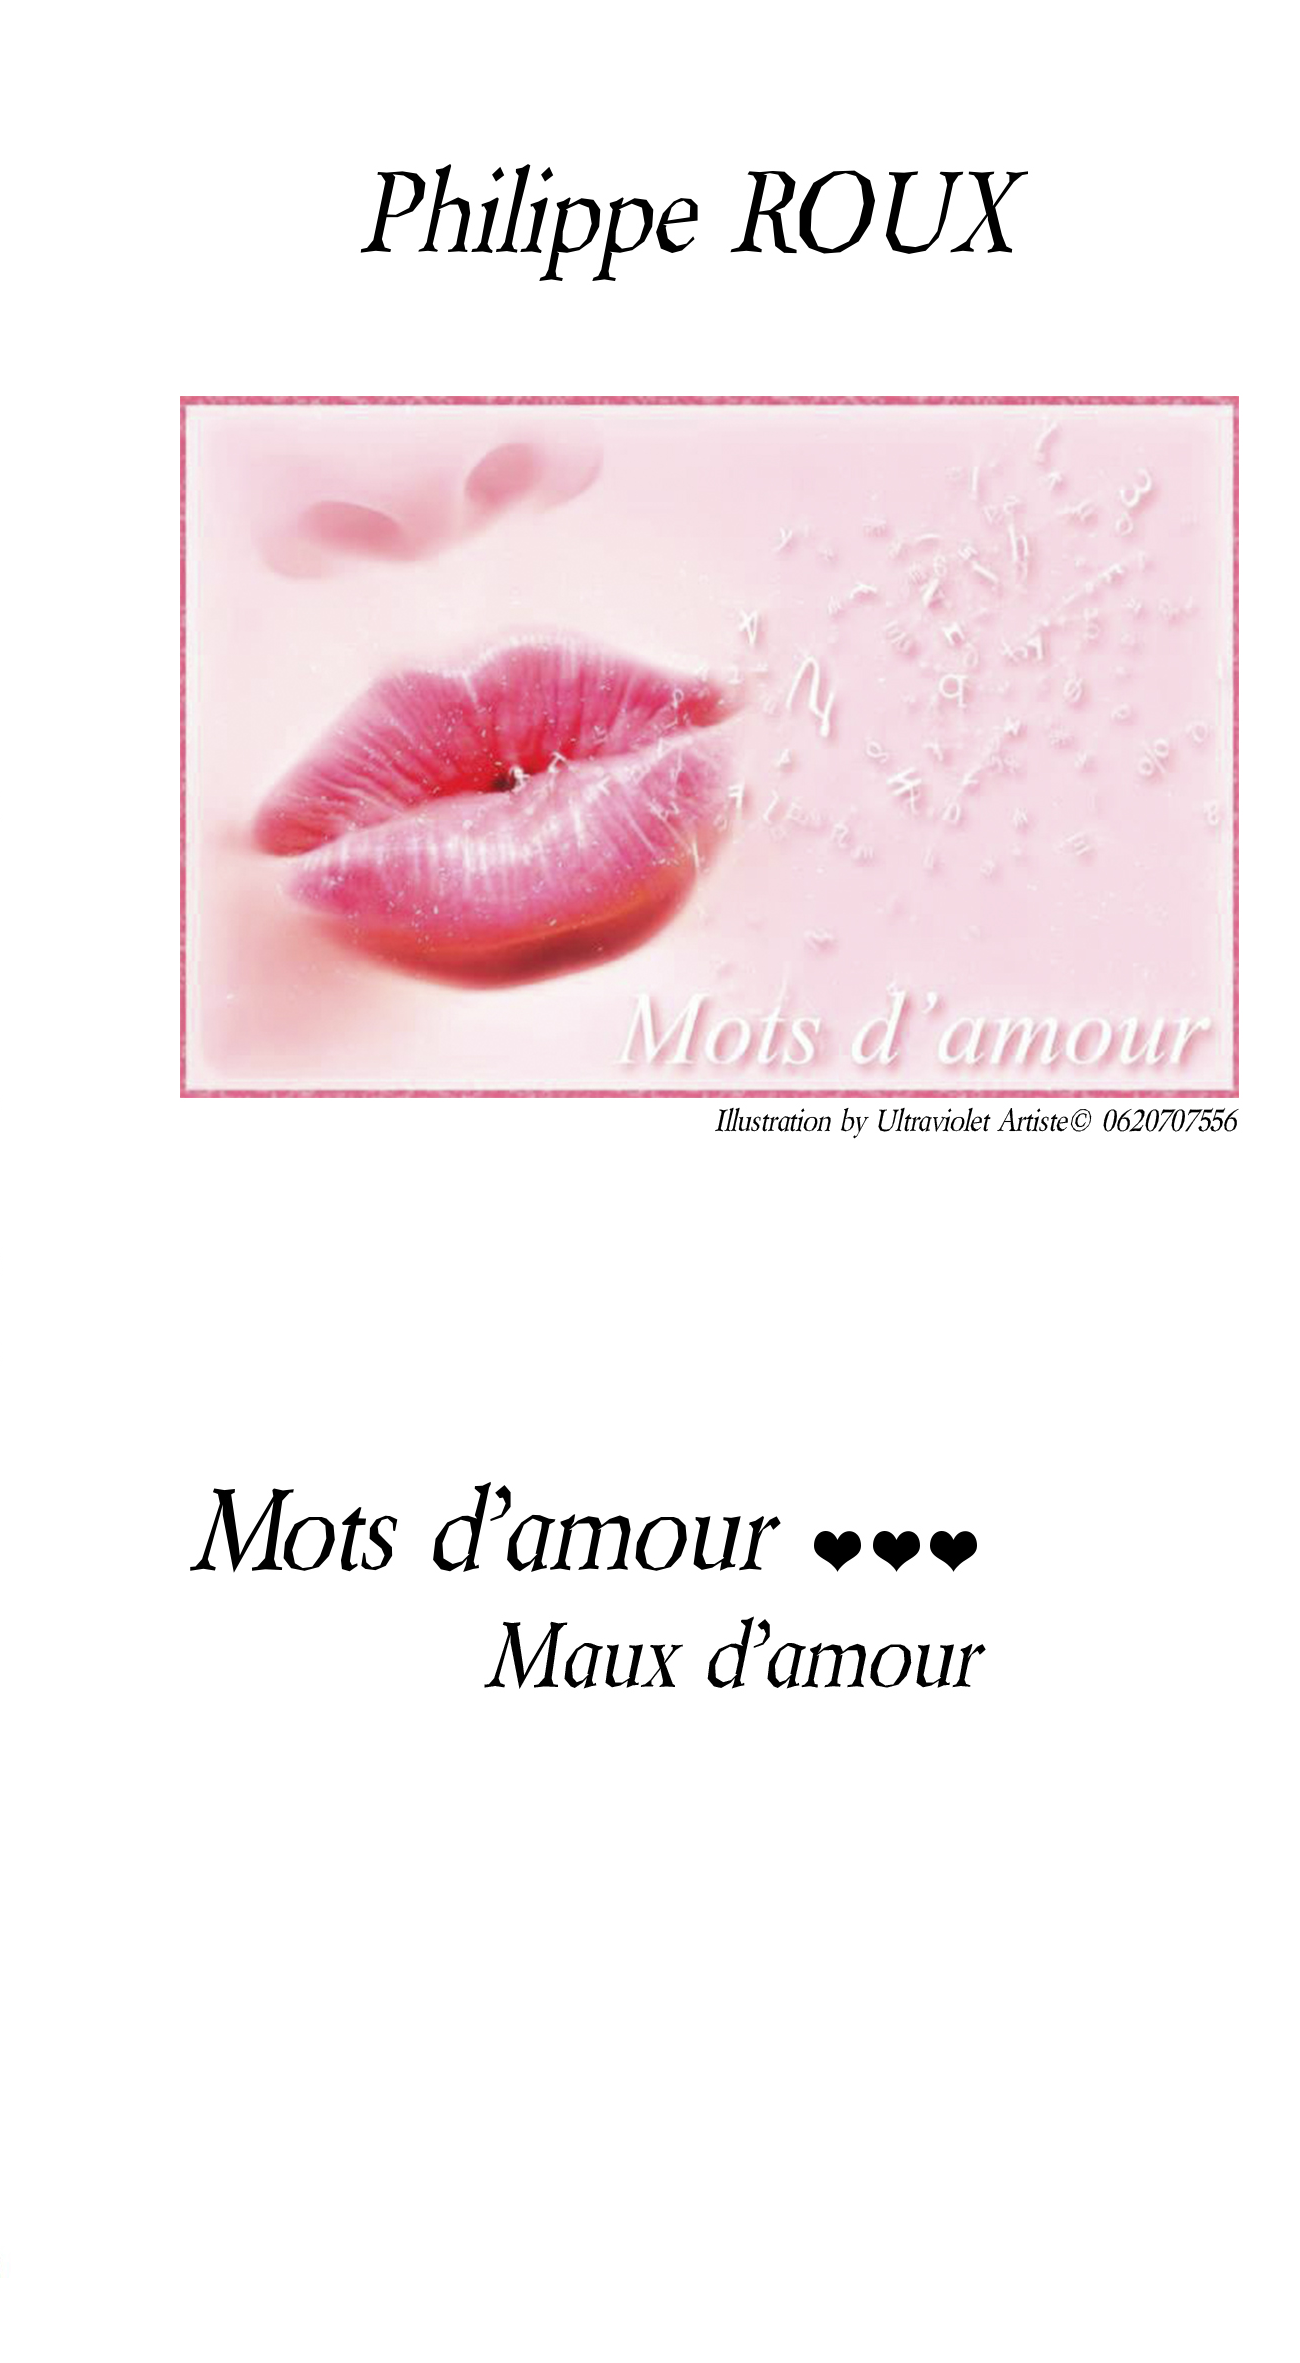 Mots d'amour ... Maux d'amour